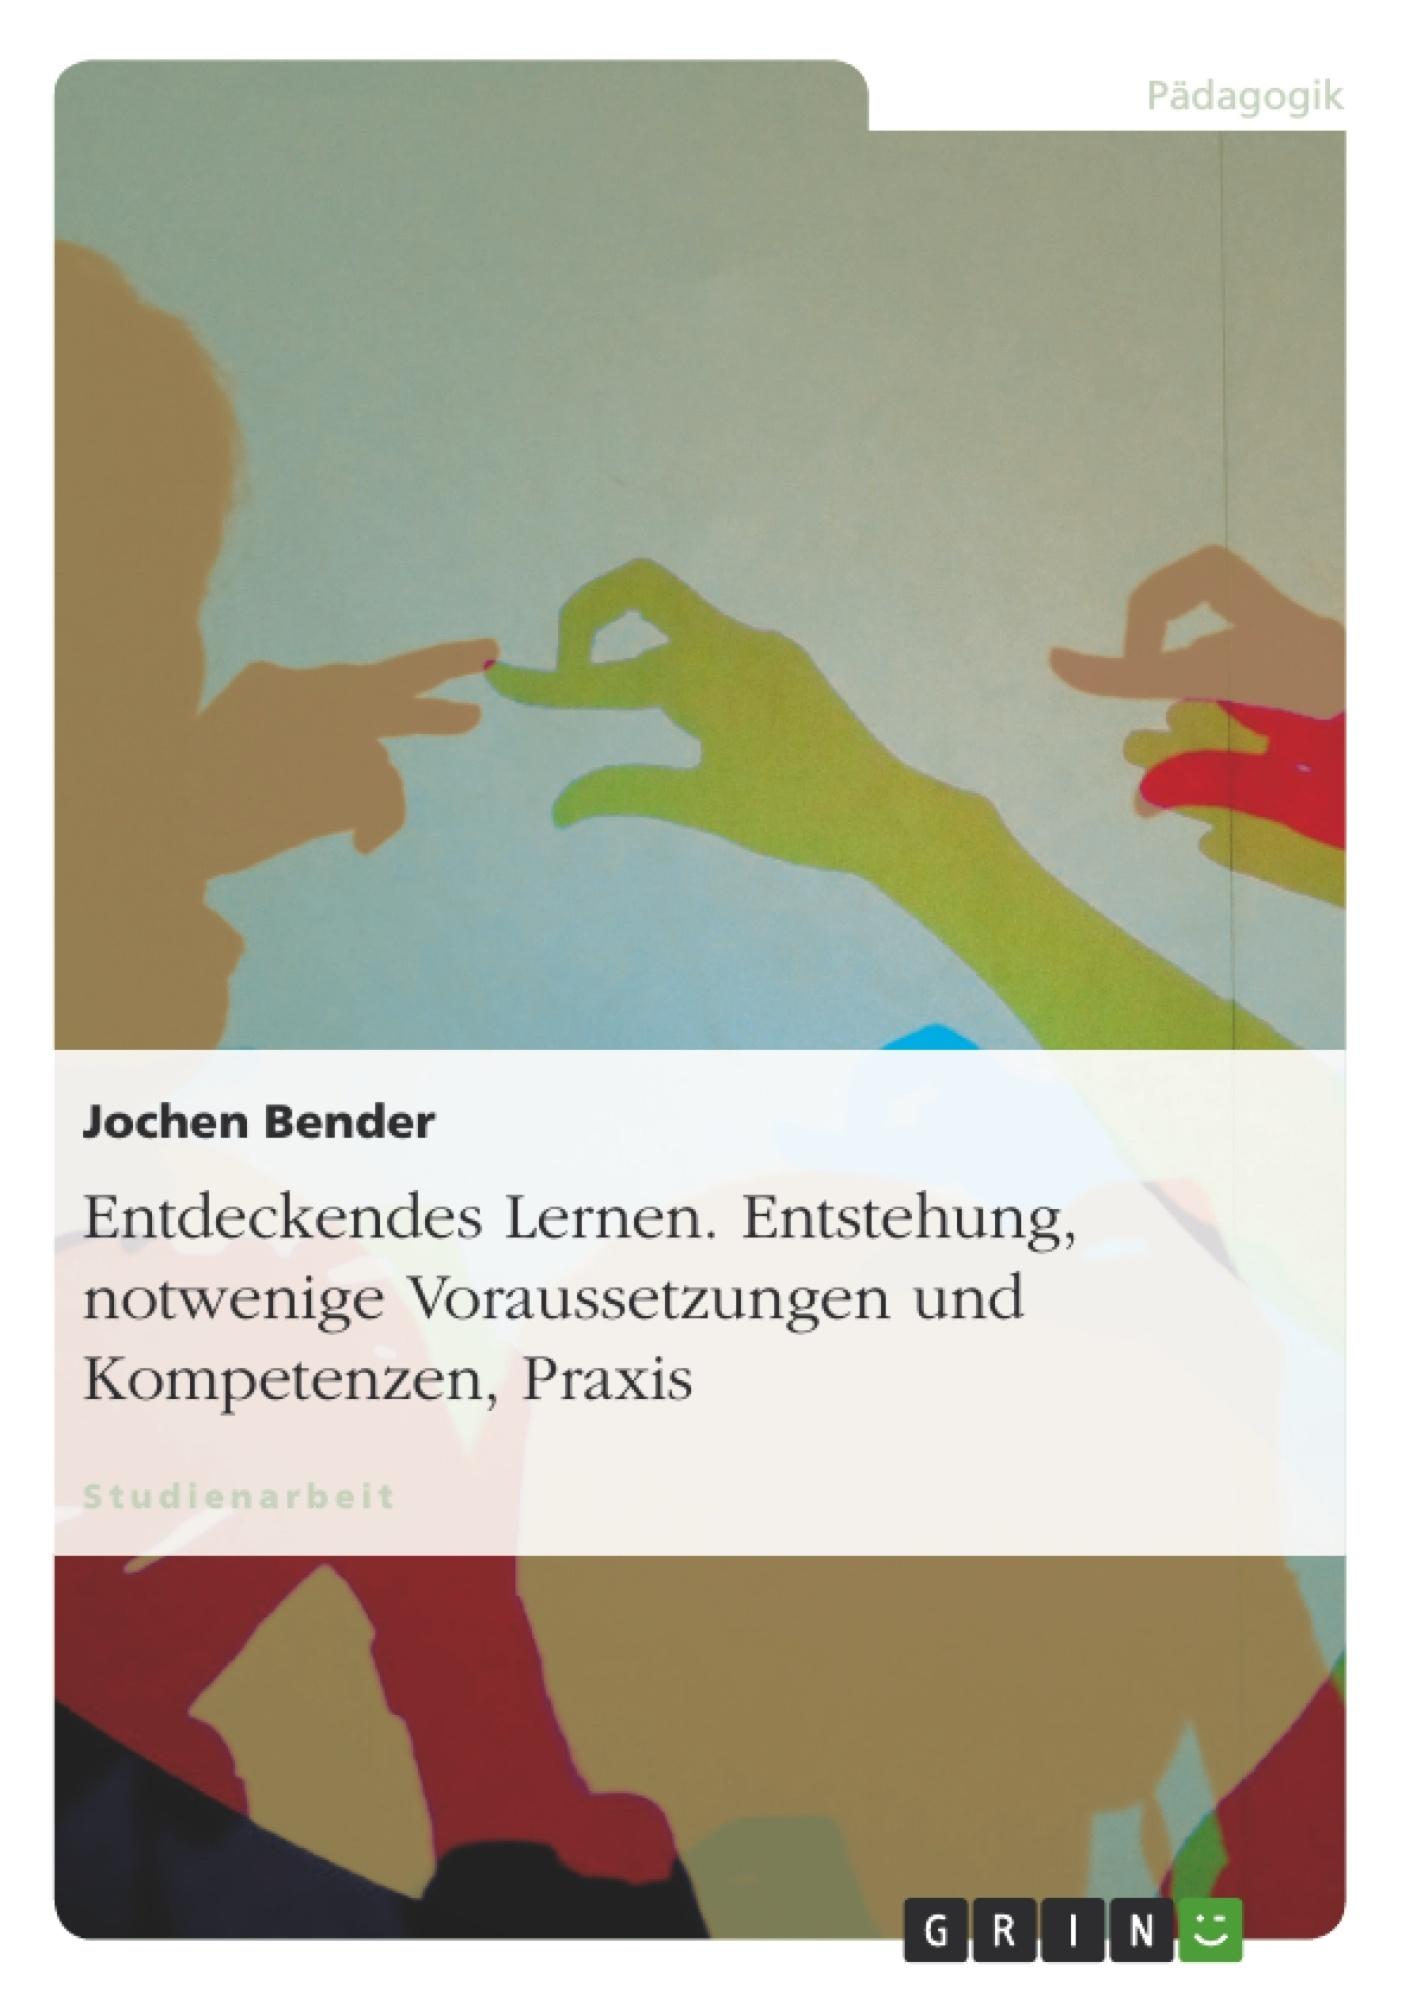 Titel: Entdeckendes Lernen. Entstehung, notwendige Voraussetzungen und Kompetenzen, Praxis